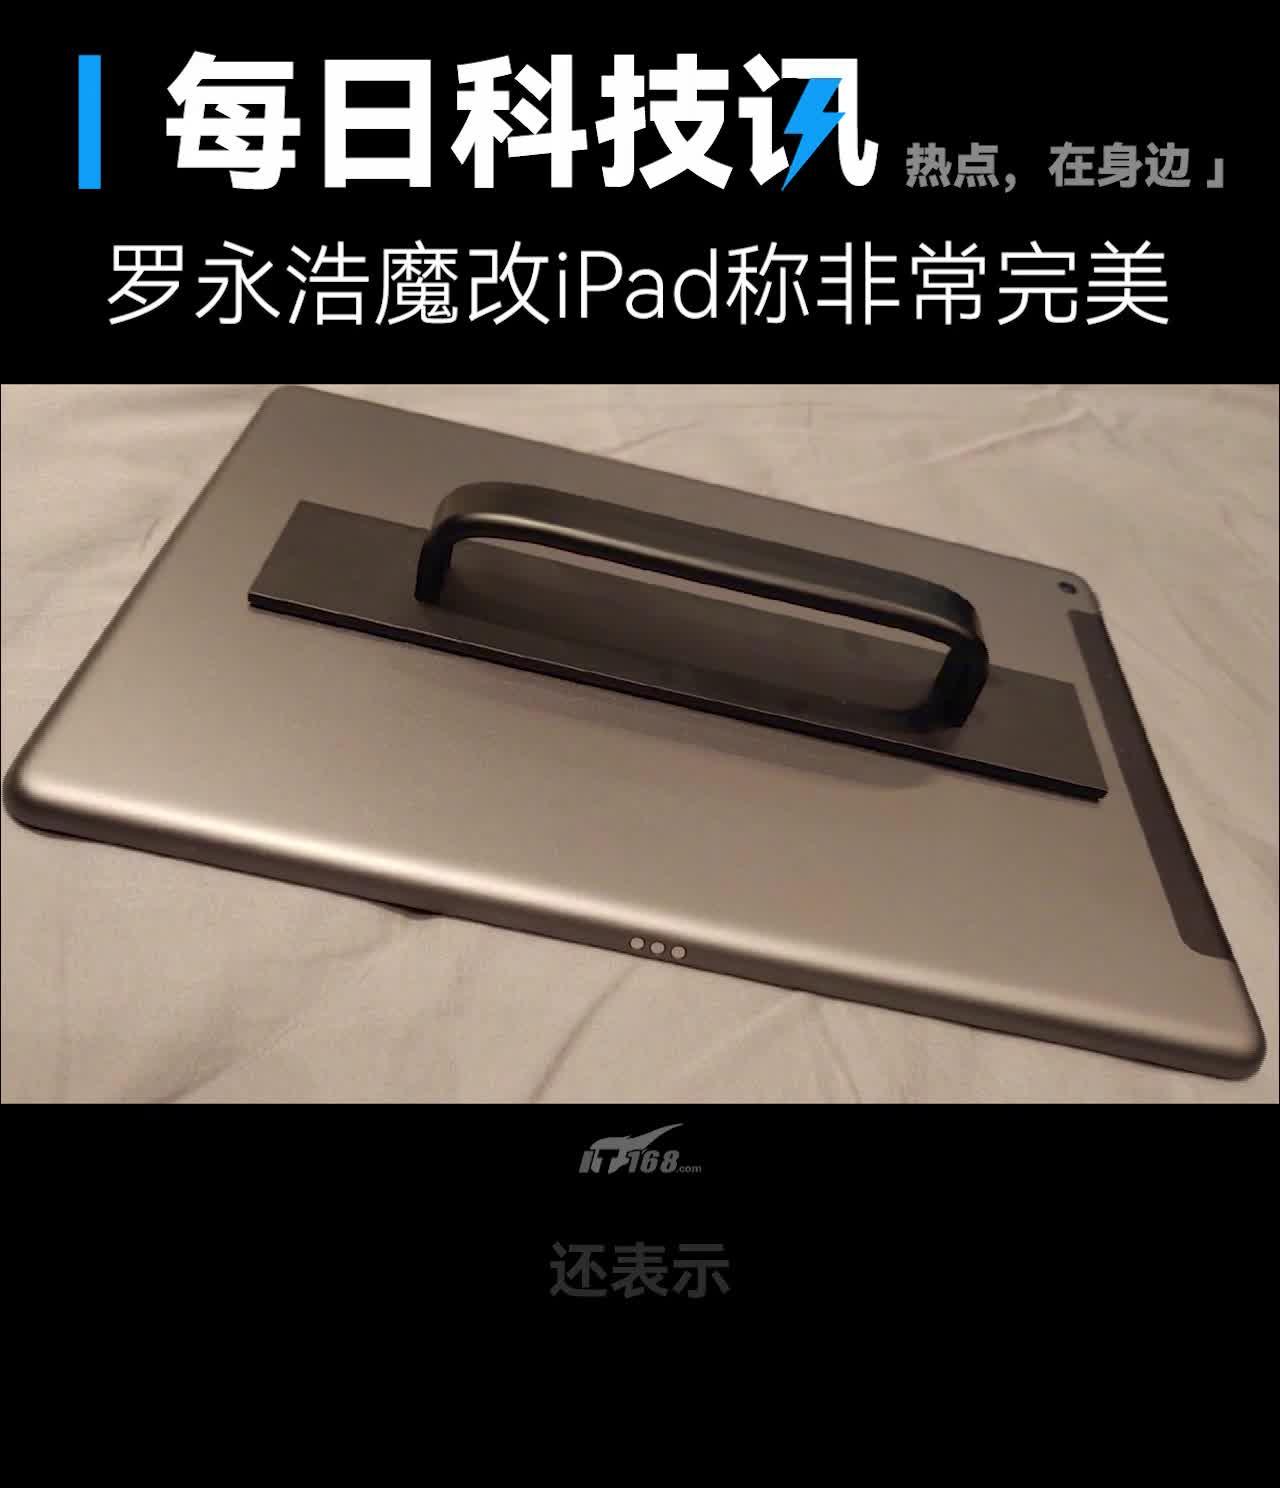 【罗永浩的iPad或世上最好?】